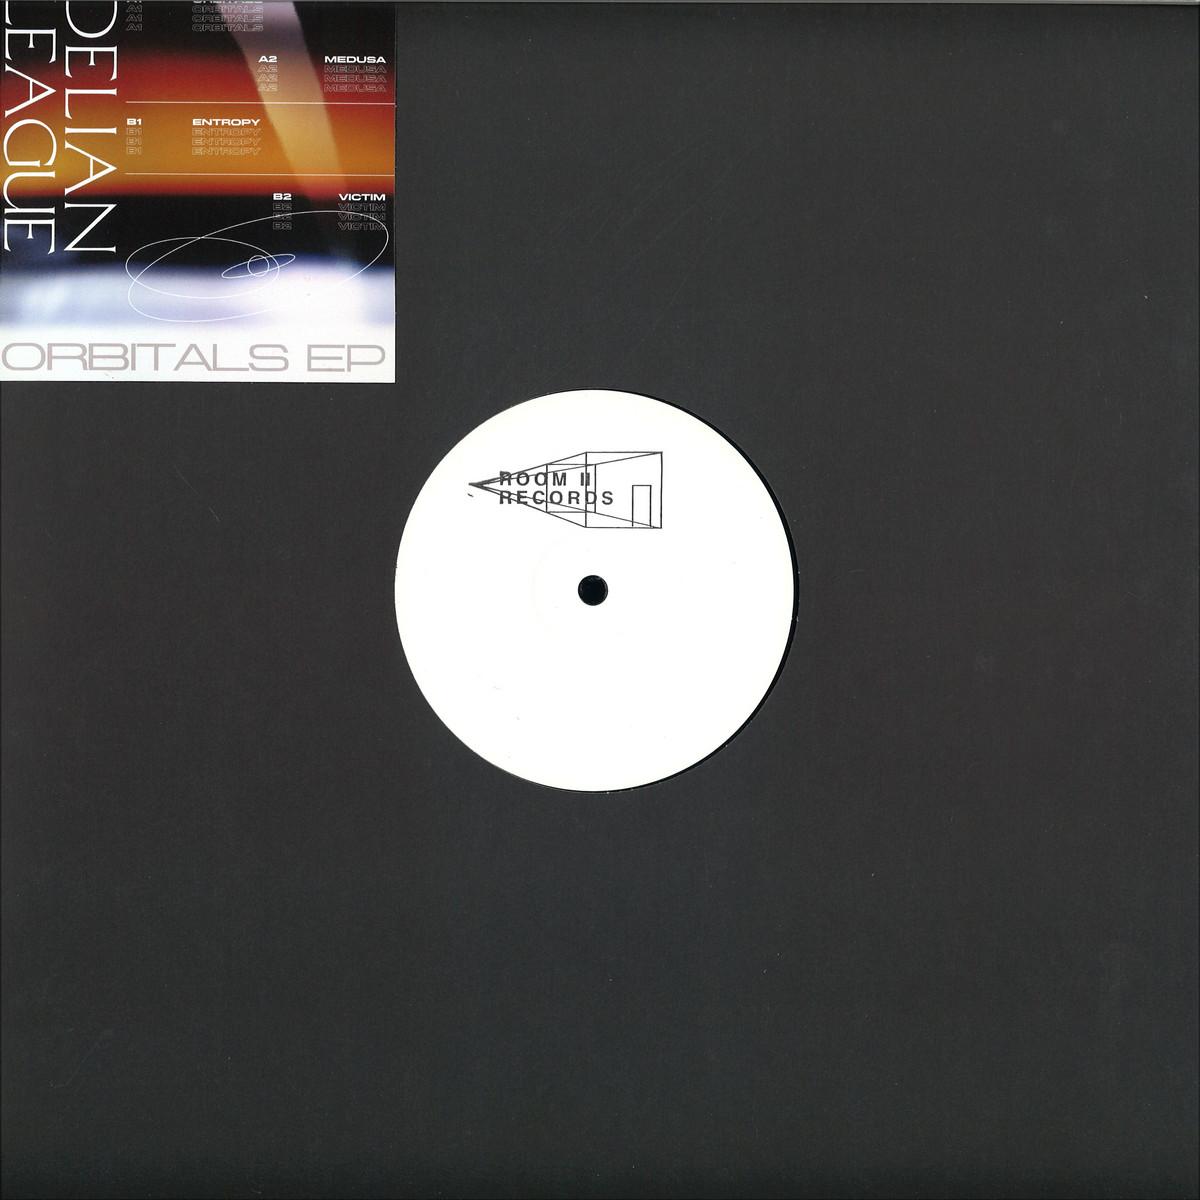 Delian League - Orbitals   Room II Records RIIR002 - Vinyl be4e2cbc37